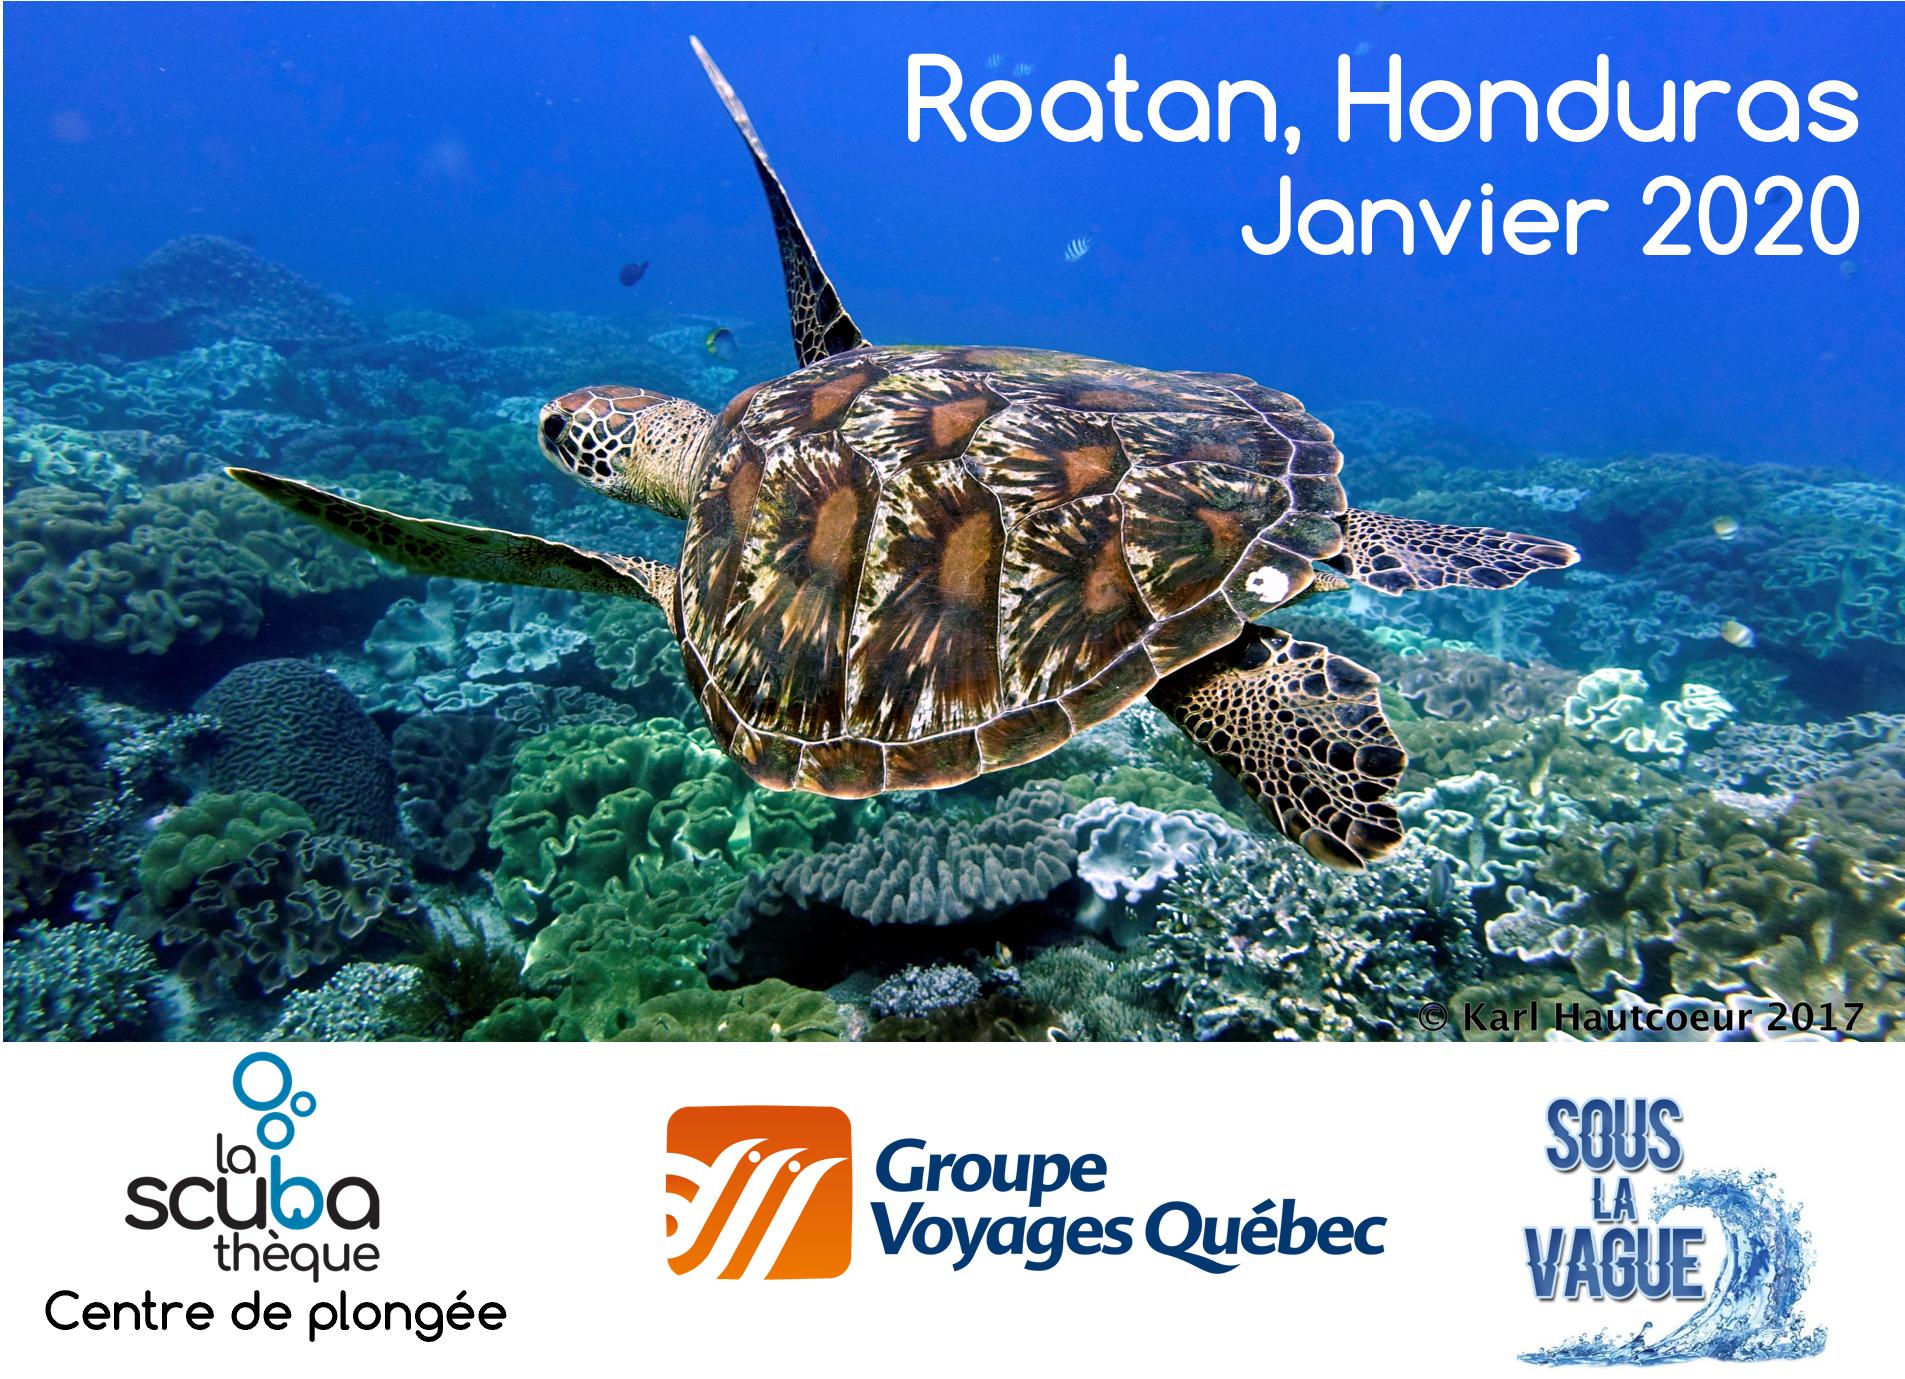 Voyage à Roatan au Honduras - Janvier 2020 - Demande de réservation